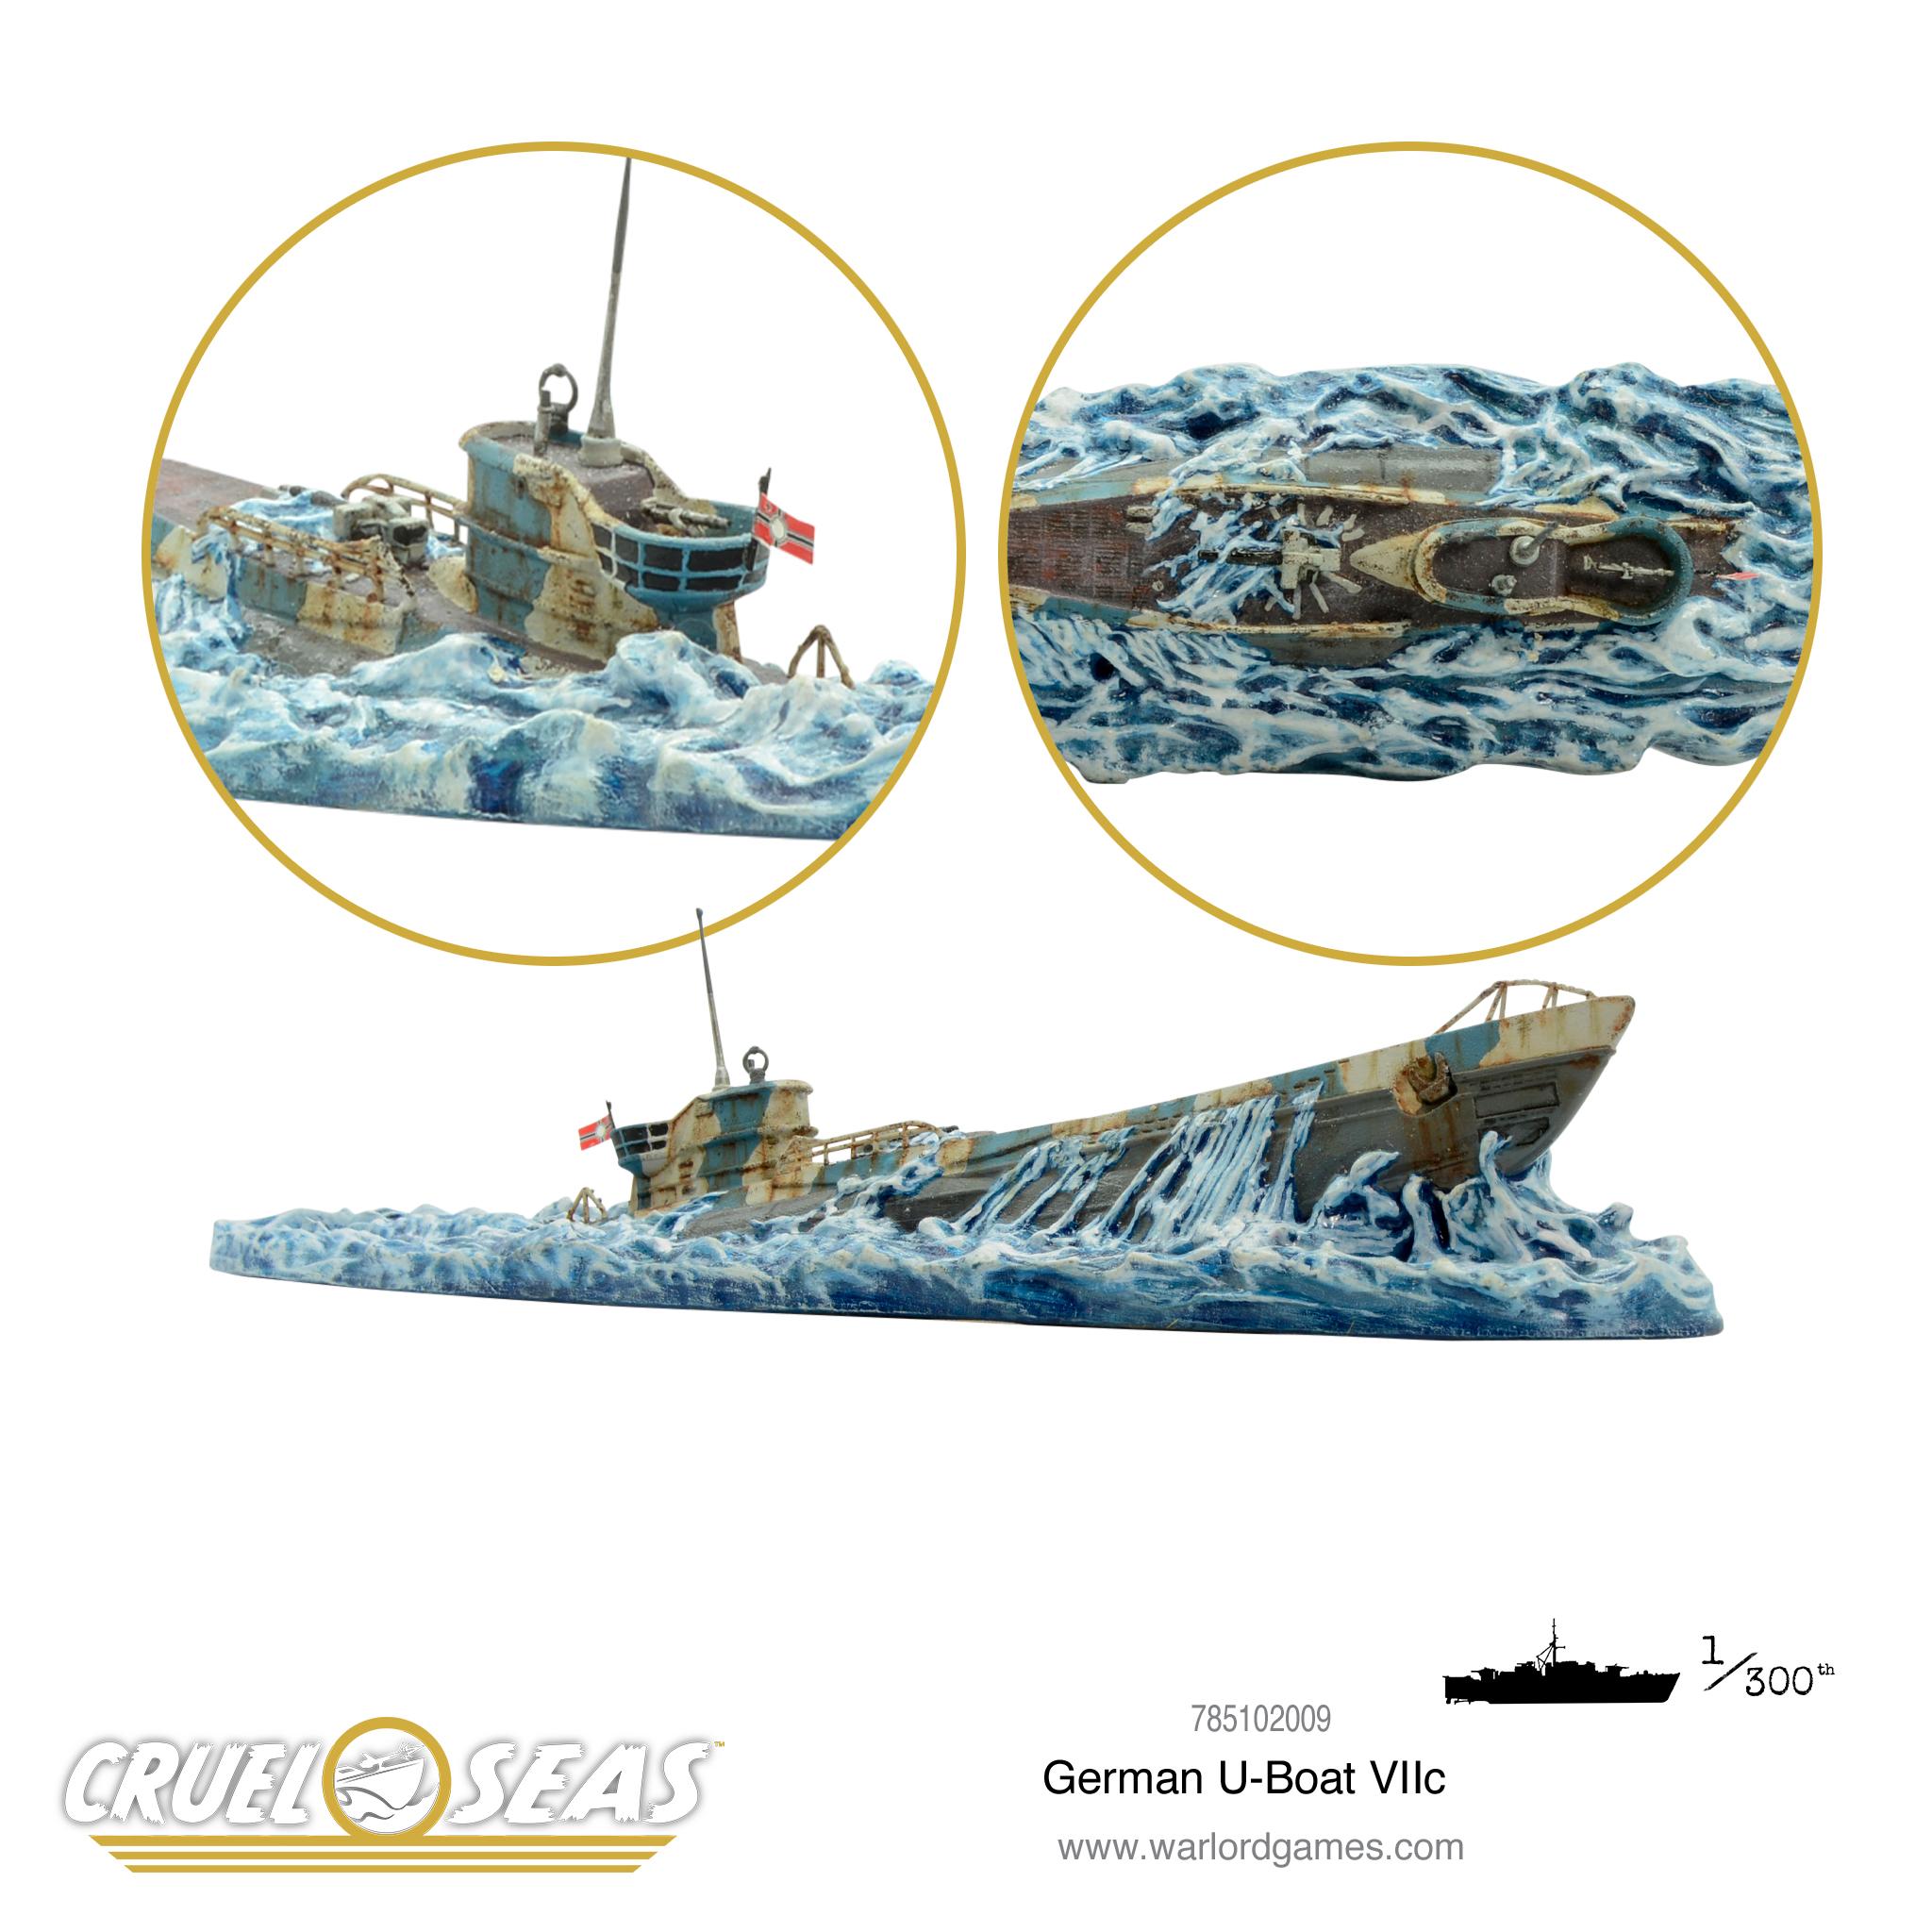 German U-Boat VIIc